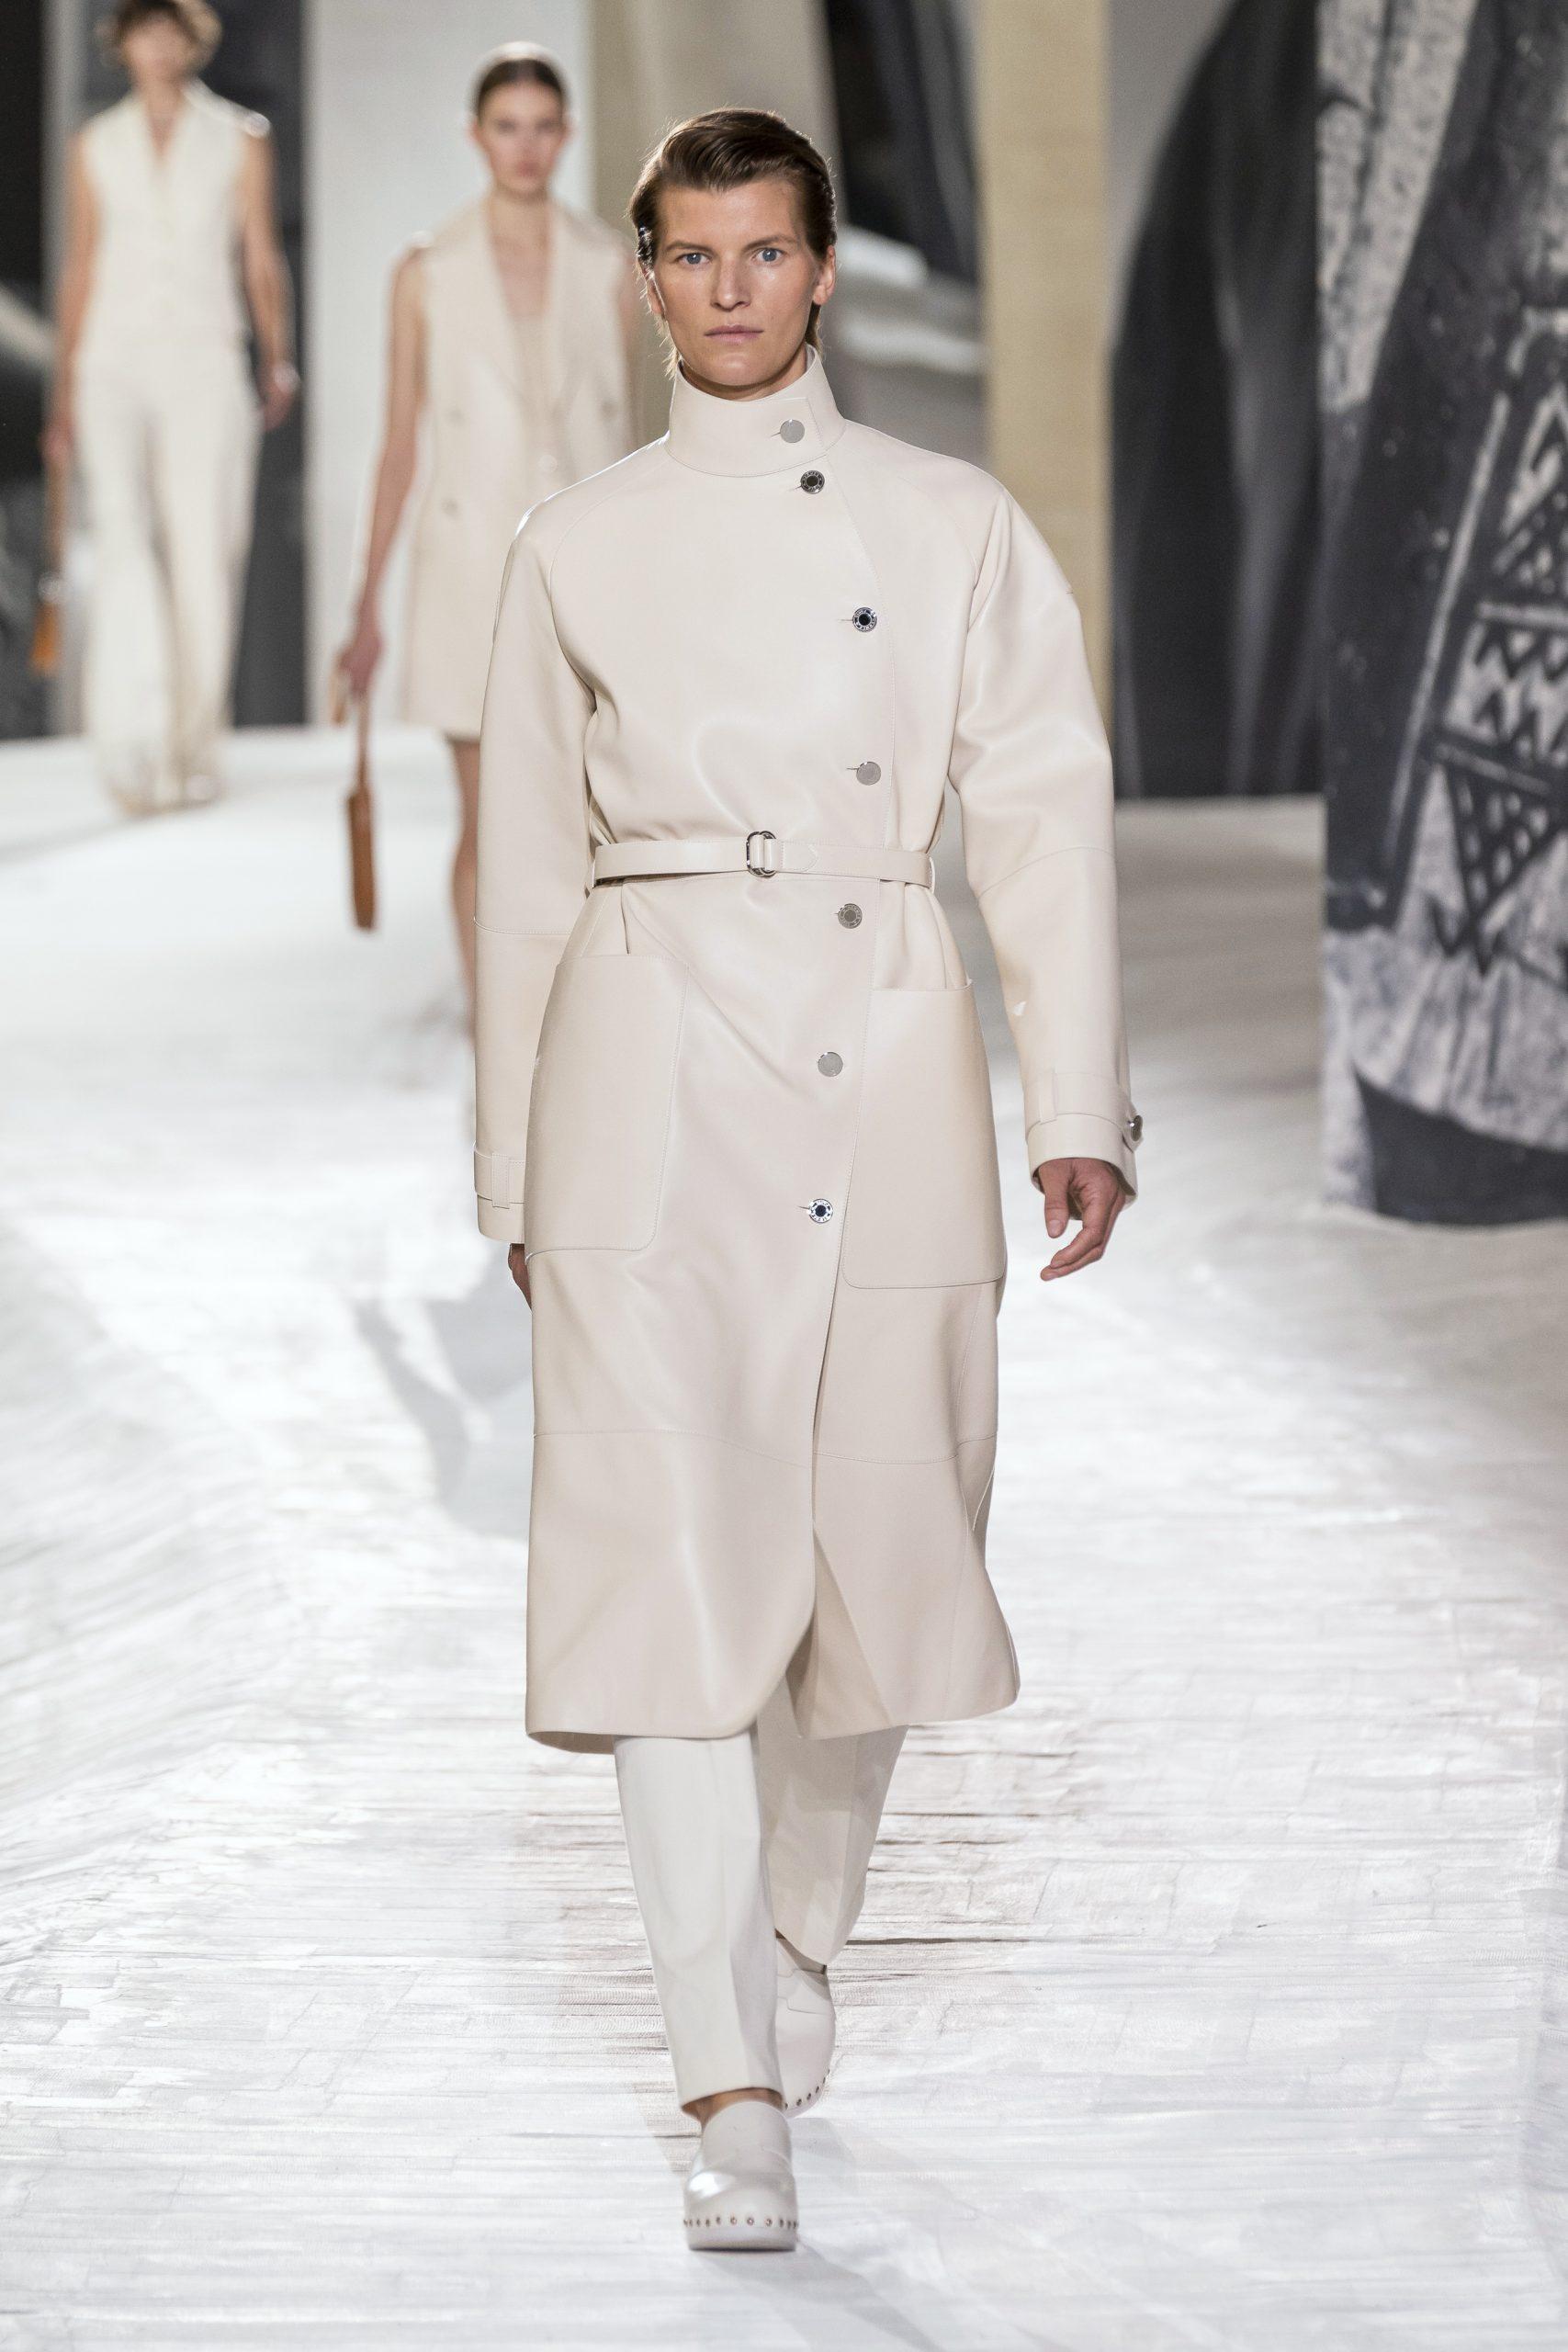 8. kép: Párizsi divathét - Hermès - 2021 tavasz-nyár - ready to wear